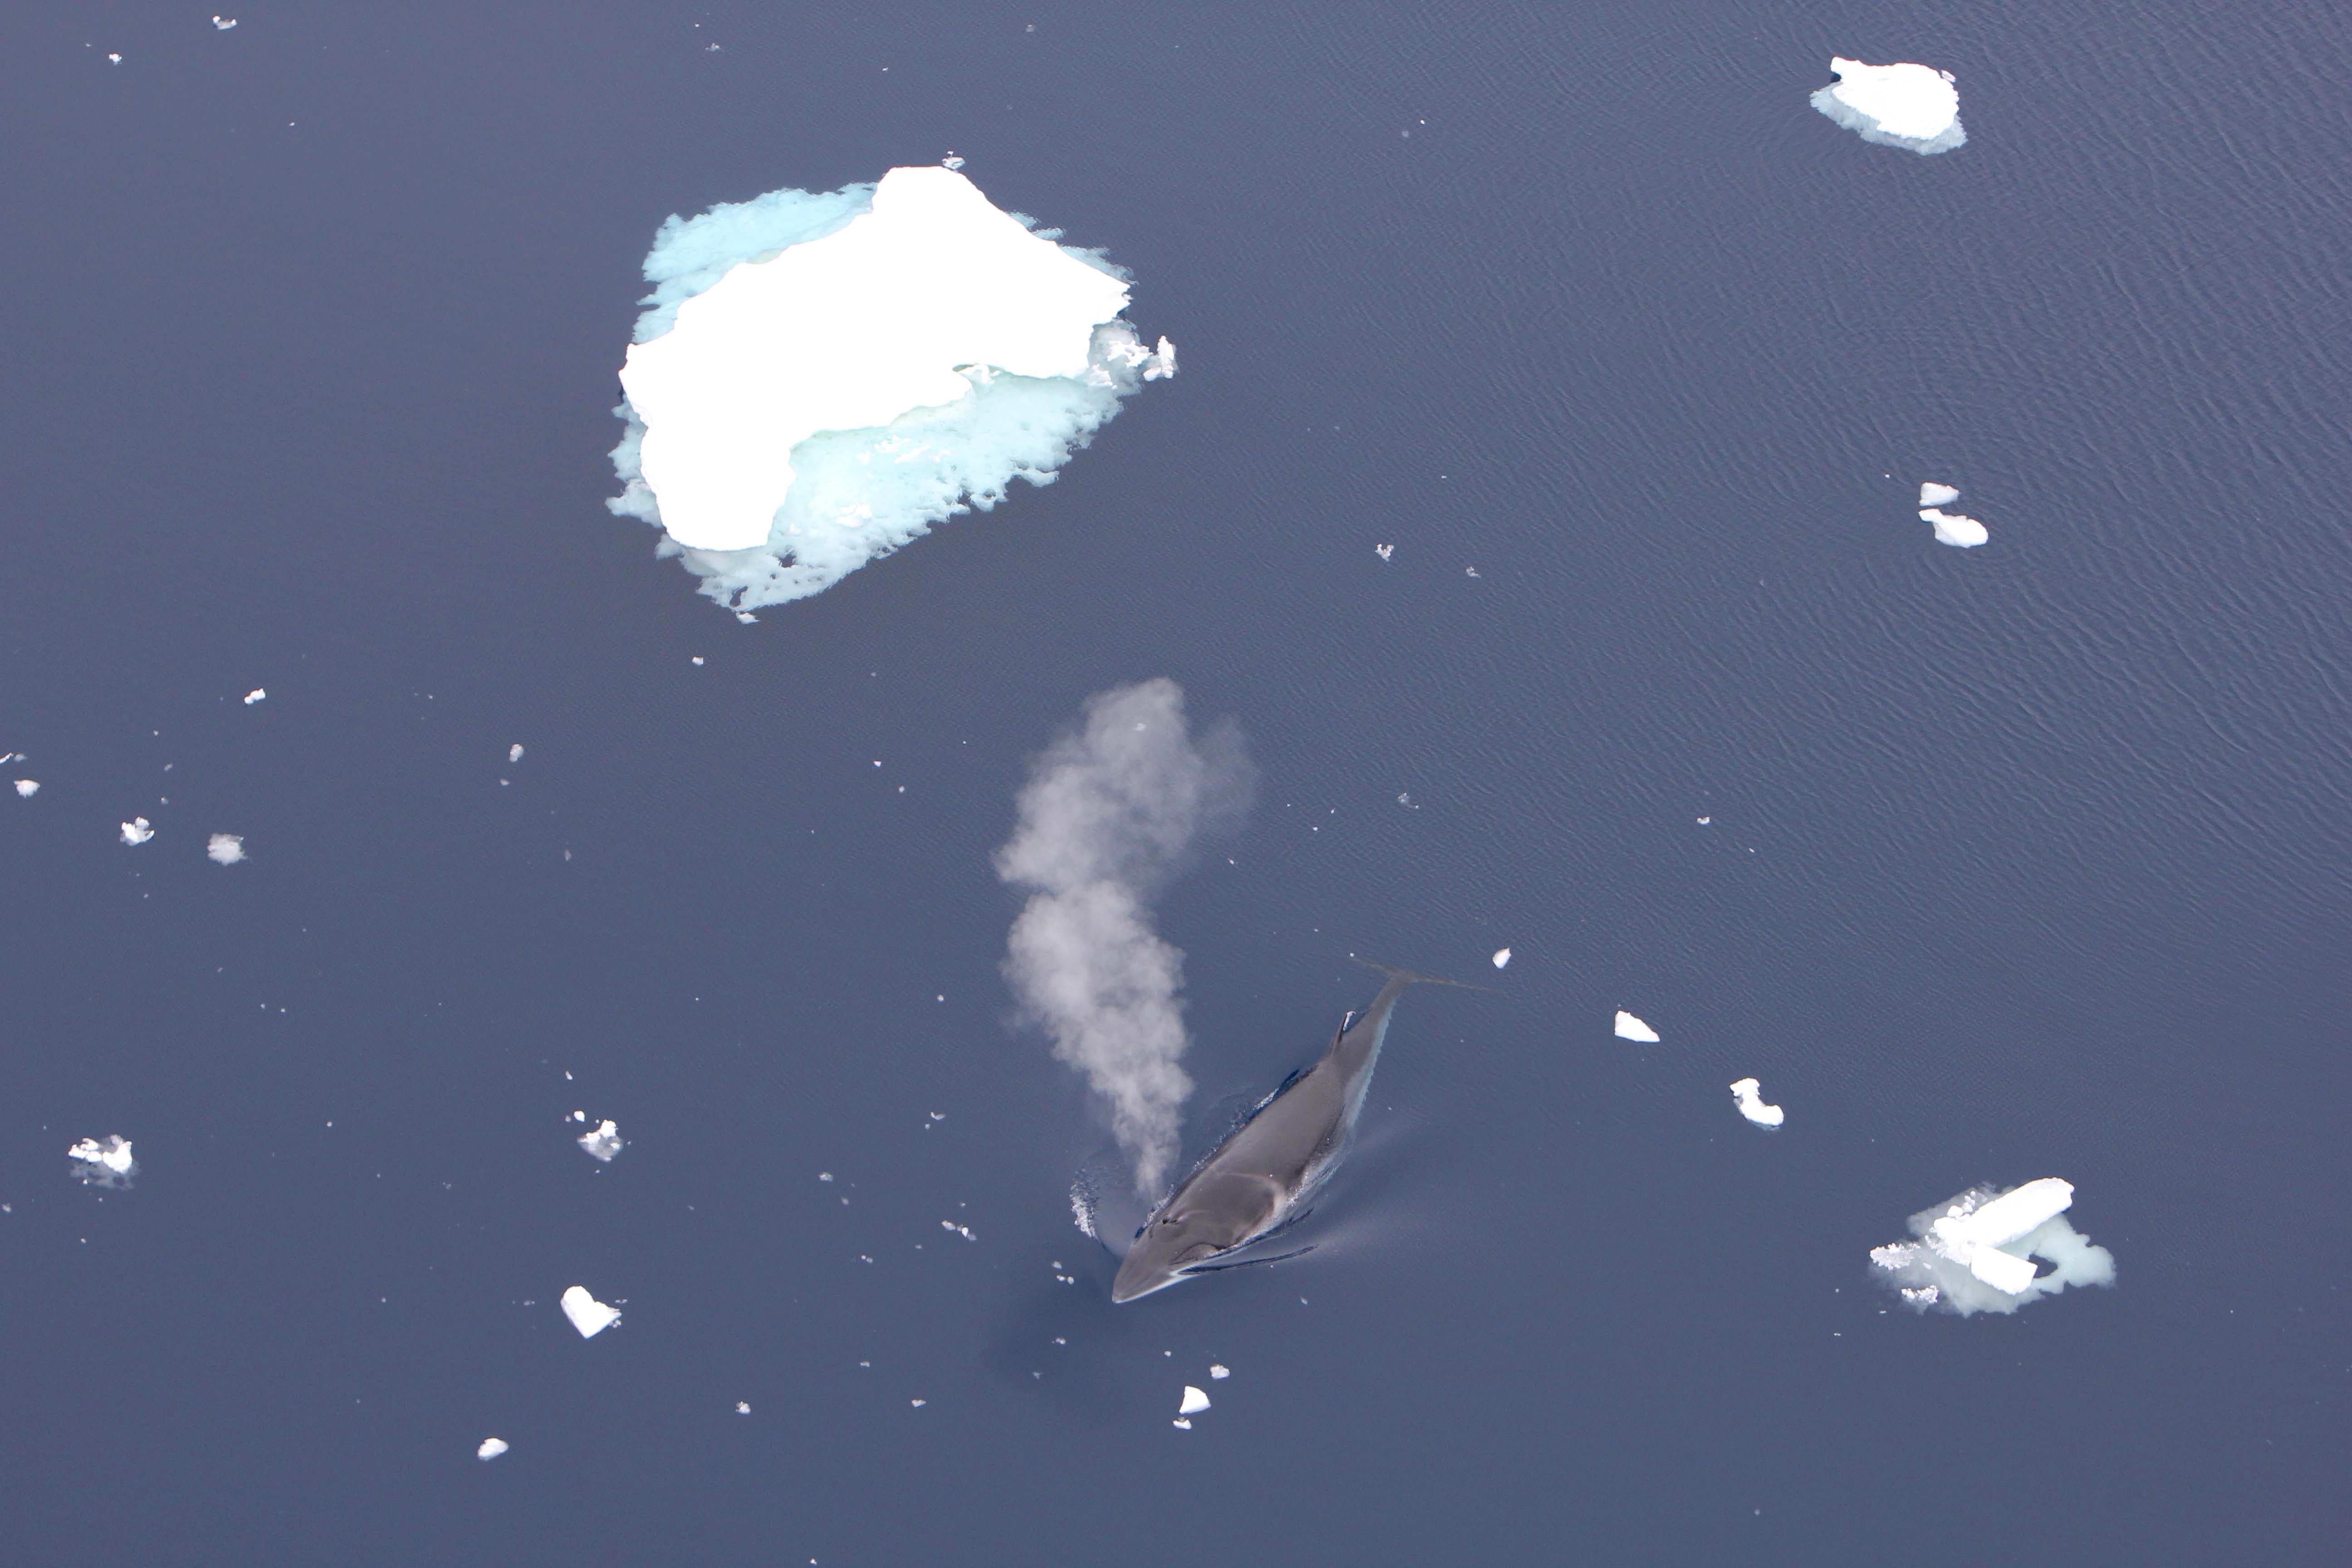 Ein Zwergwal stößt Blas, also Atemluft aus. Neben ihm im Wasser schwimmen Eisschollen.